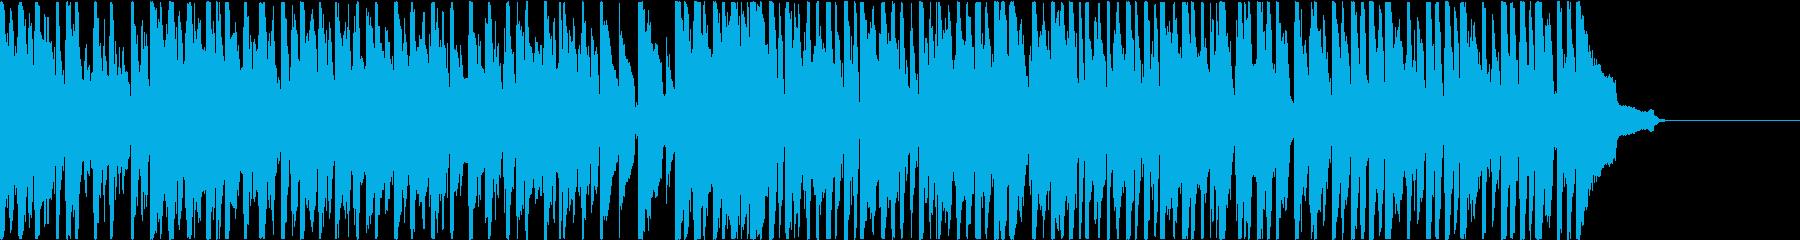 パズルゲーム向ゆるゆる系BGM 短縮版の再生済みの波形